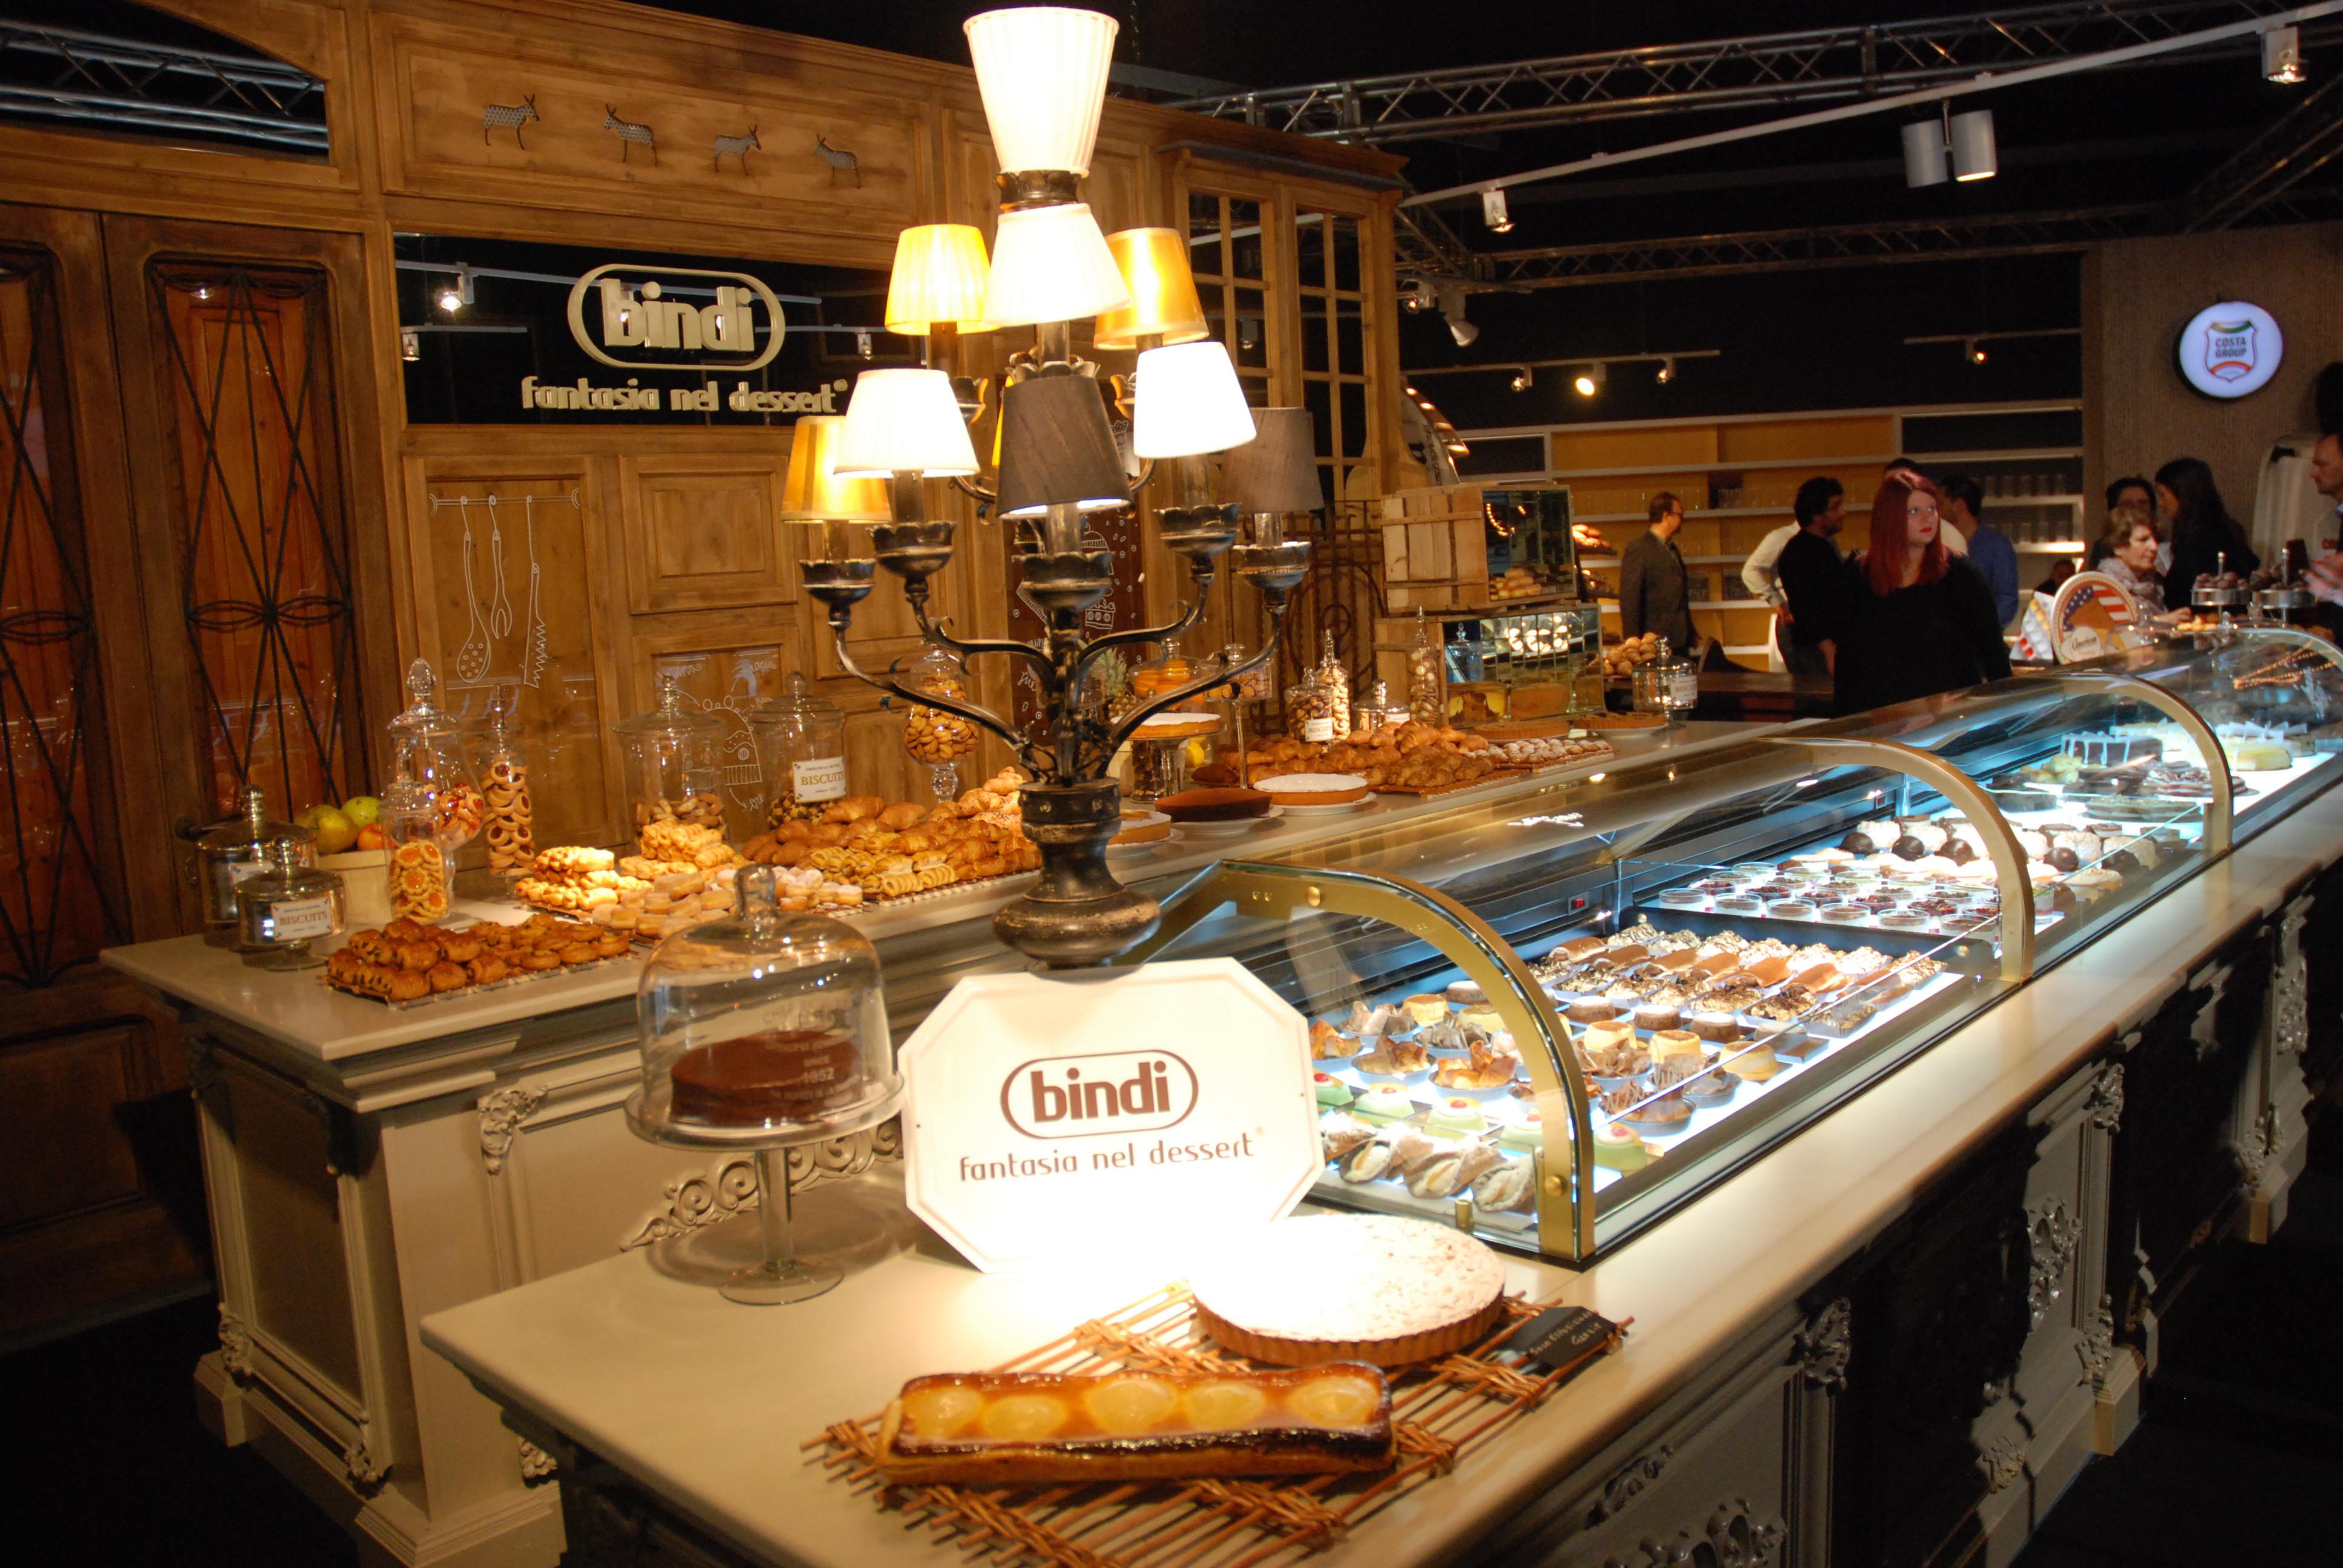 L 39 innovazione made in italy parte dai negozi gastronomici for Costa arredamenti